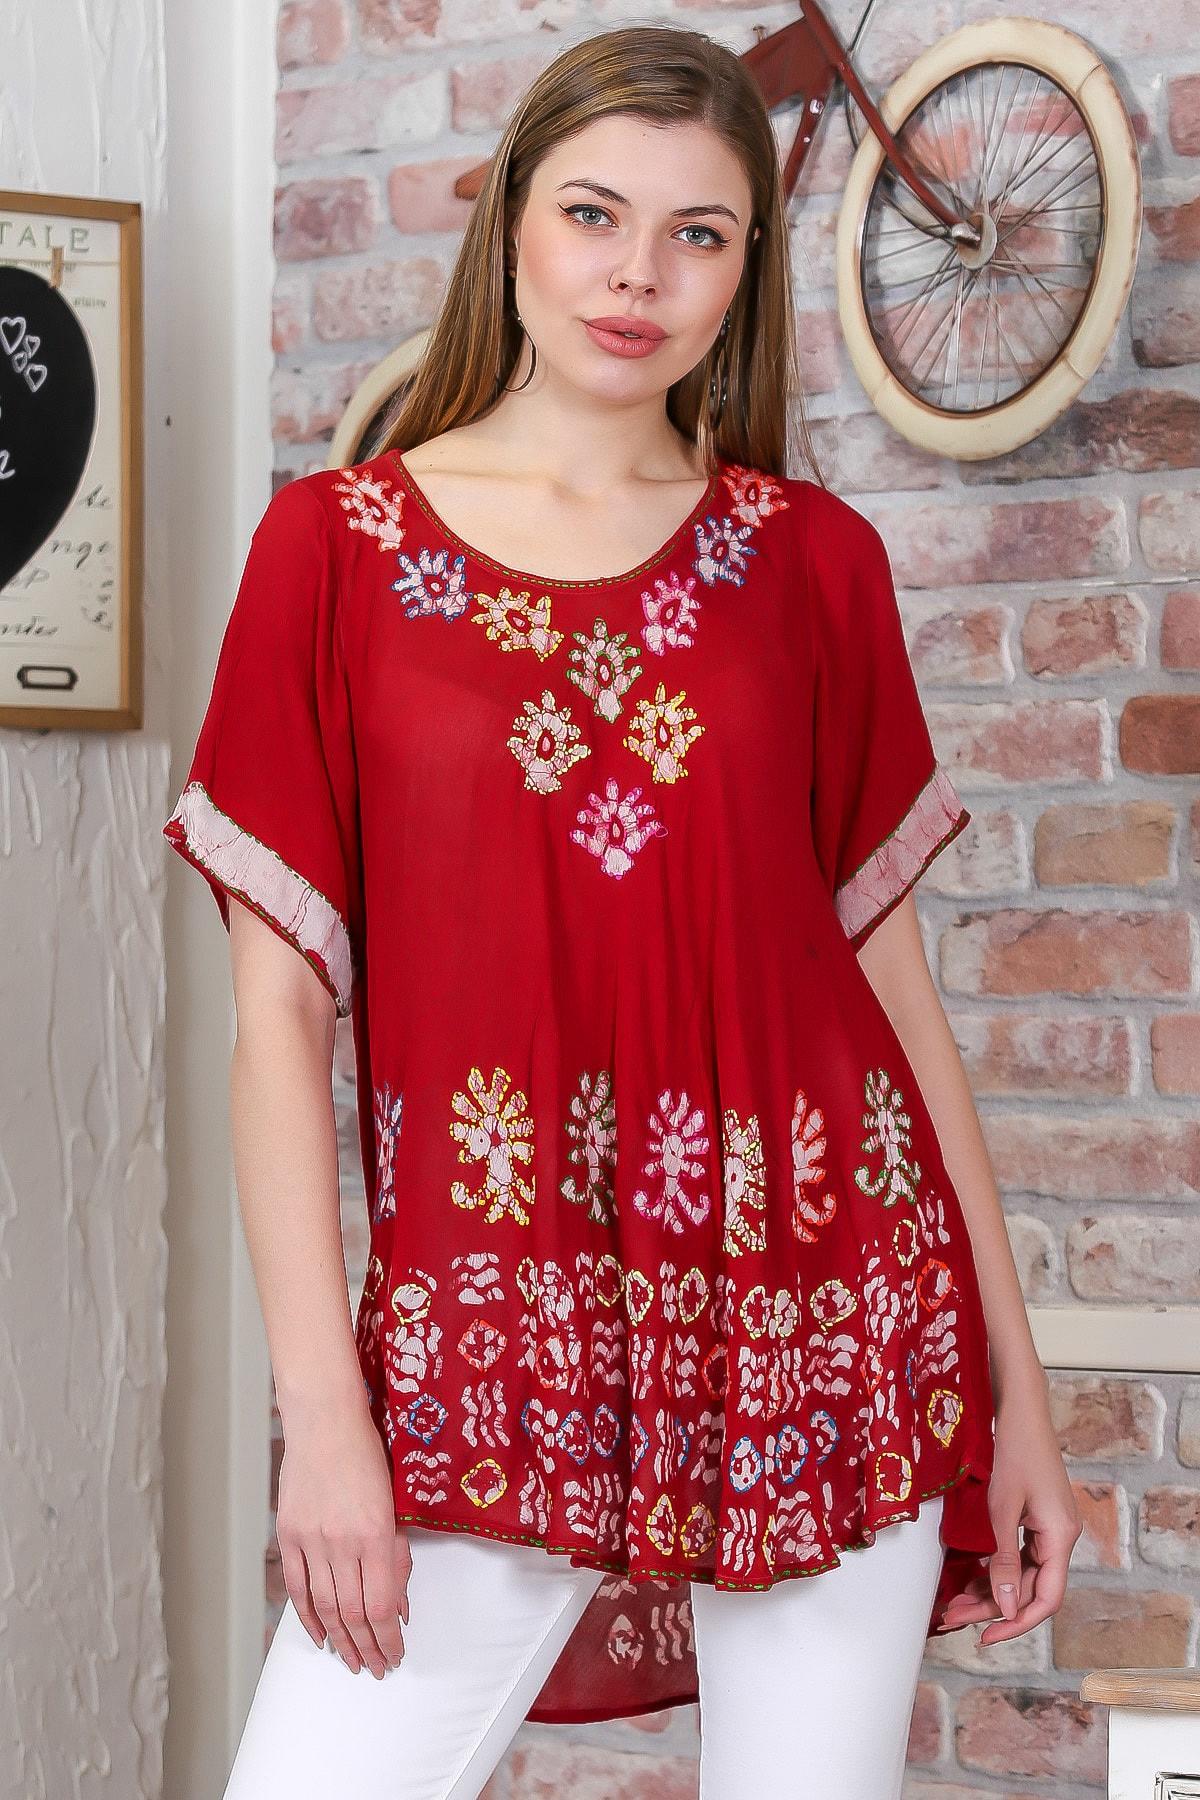 Chiccy Kadın Kırmızı Çiçek Baskılı Nakış Dikişli Kısa Kol Batik Salaş Dokuma Bluz M10010200BL95495 1